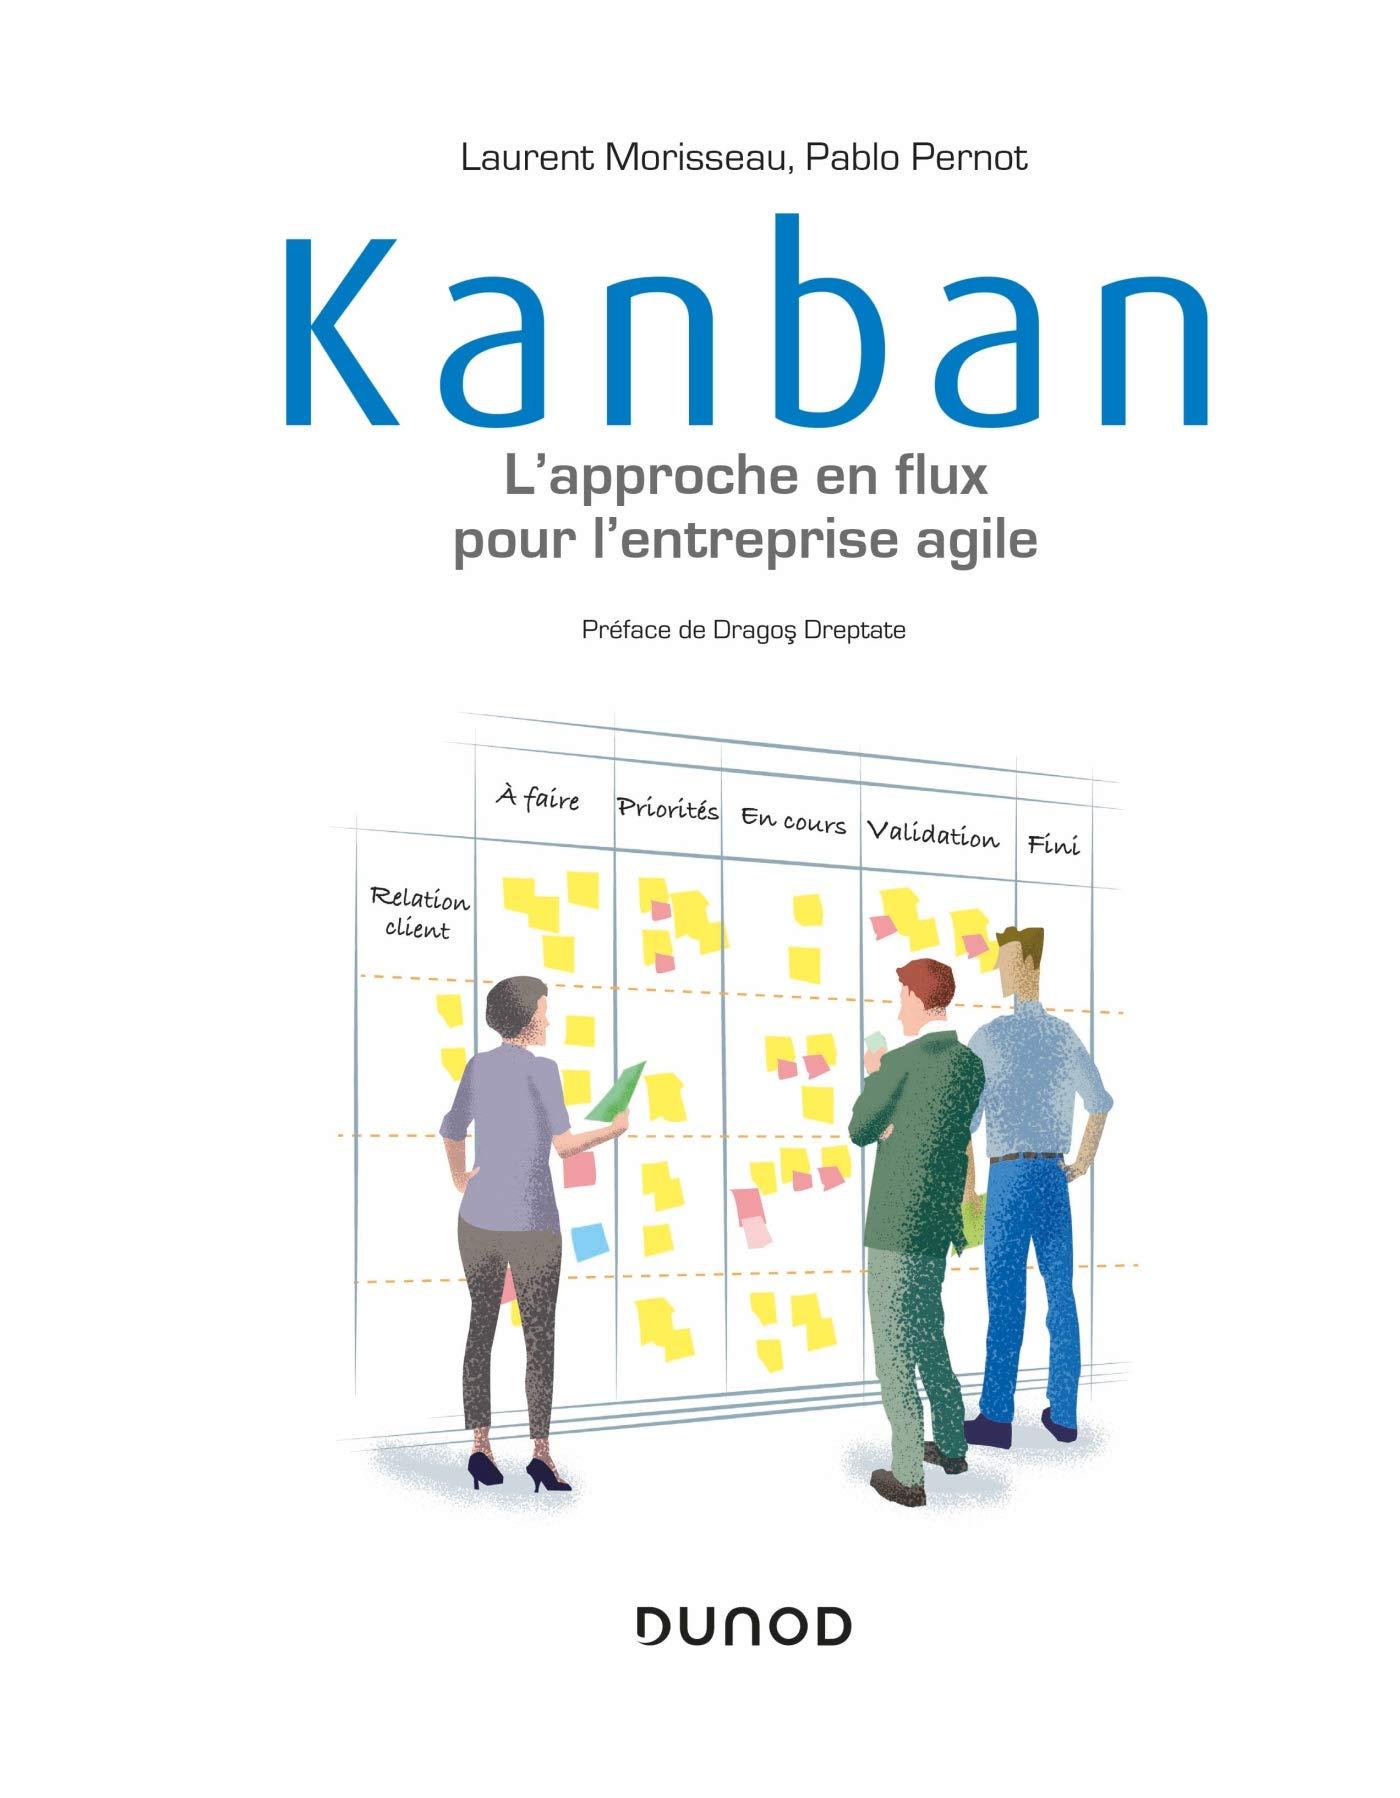 Kanban - L'approche en flux pour l'entreprise agile par Laurent Morisseau